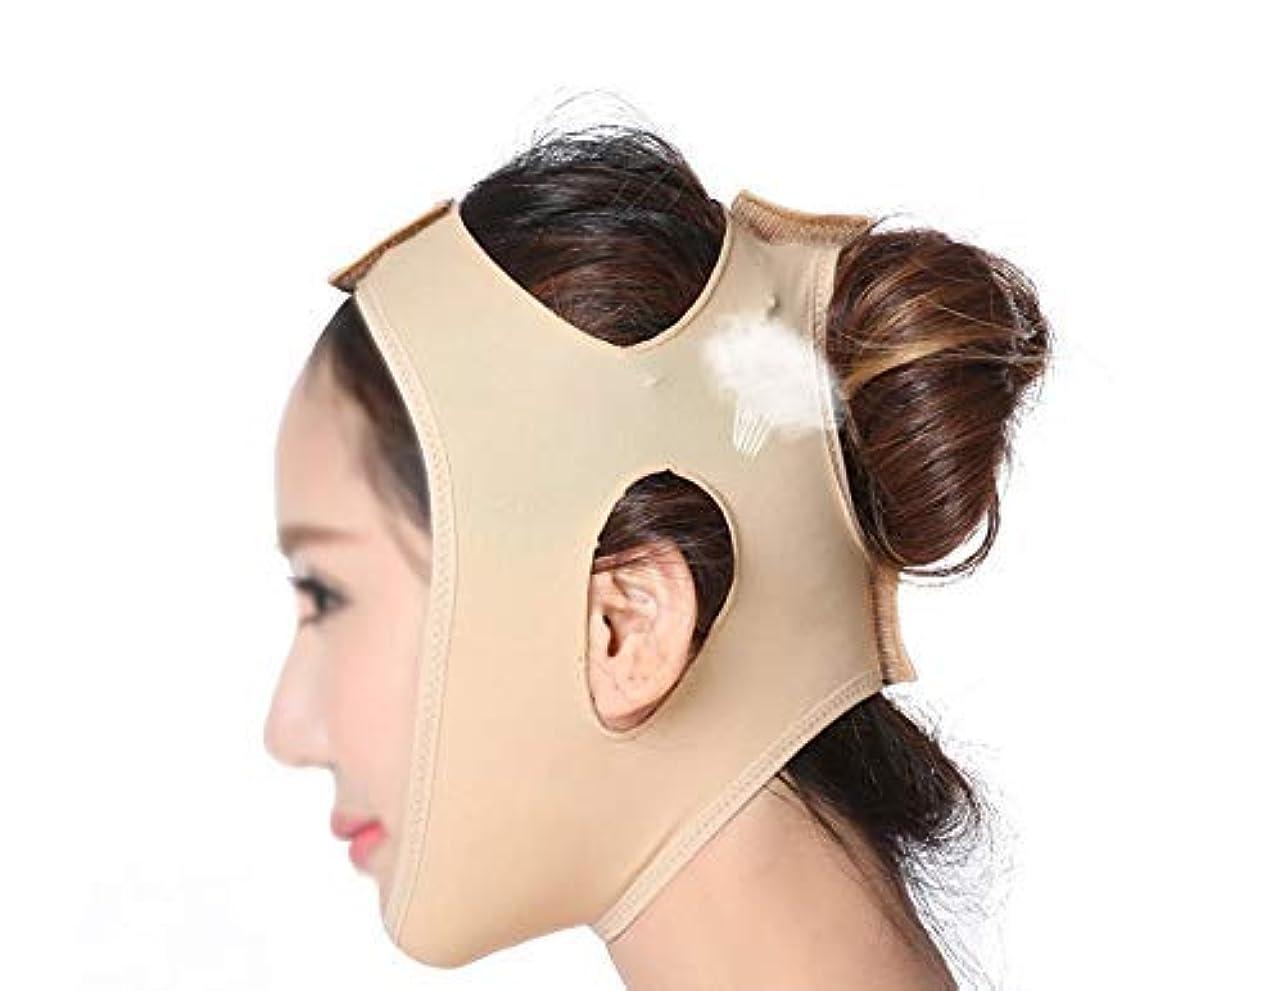 使用法ペッカディロ光引き締めフェイスマスク、フェイシャルマスク睡眠薄型フェイス包帯薄型フェイスマスクフェイスリフティングフェイスメロンフェイスVフェイスリフティング引き締めダブルチン美容ツール(サイズ:XL)